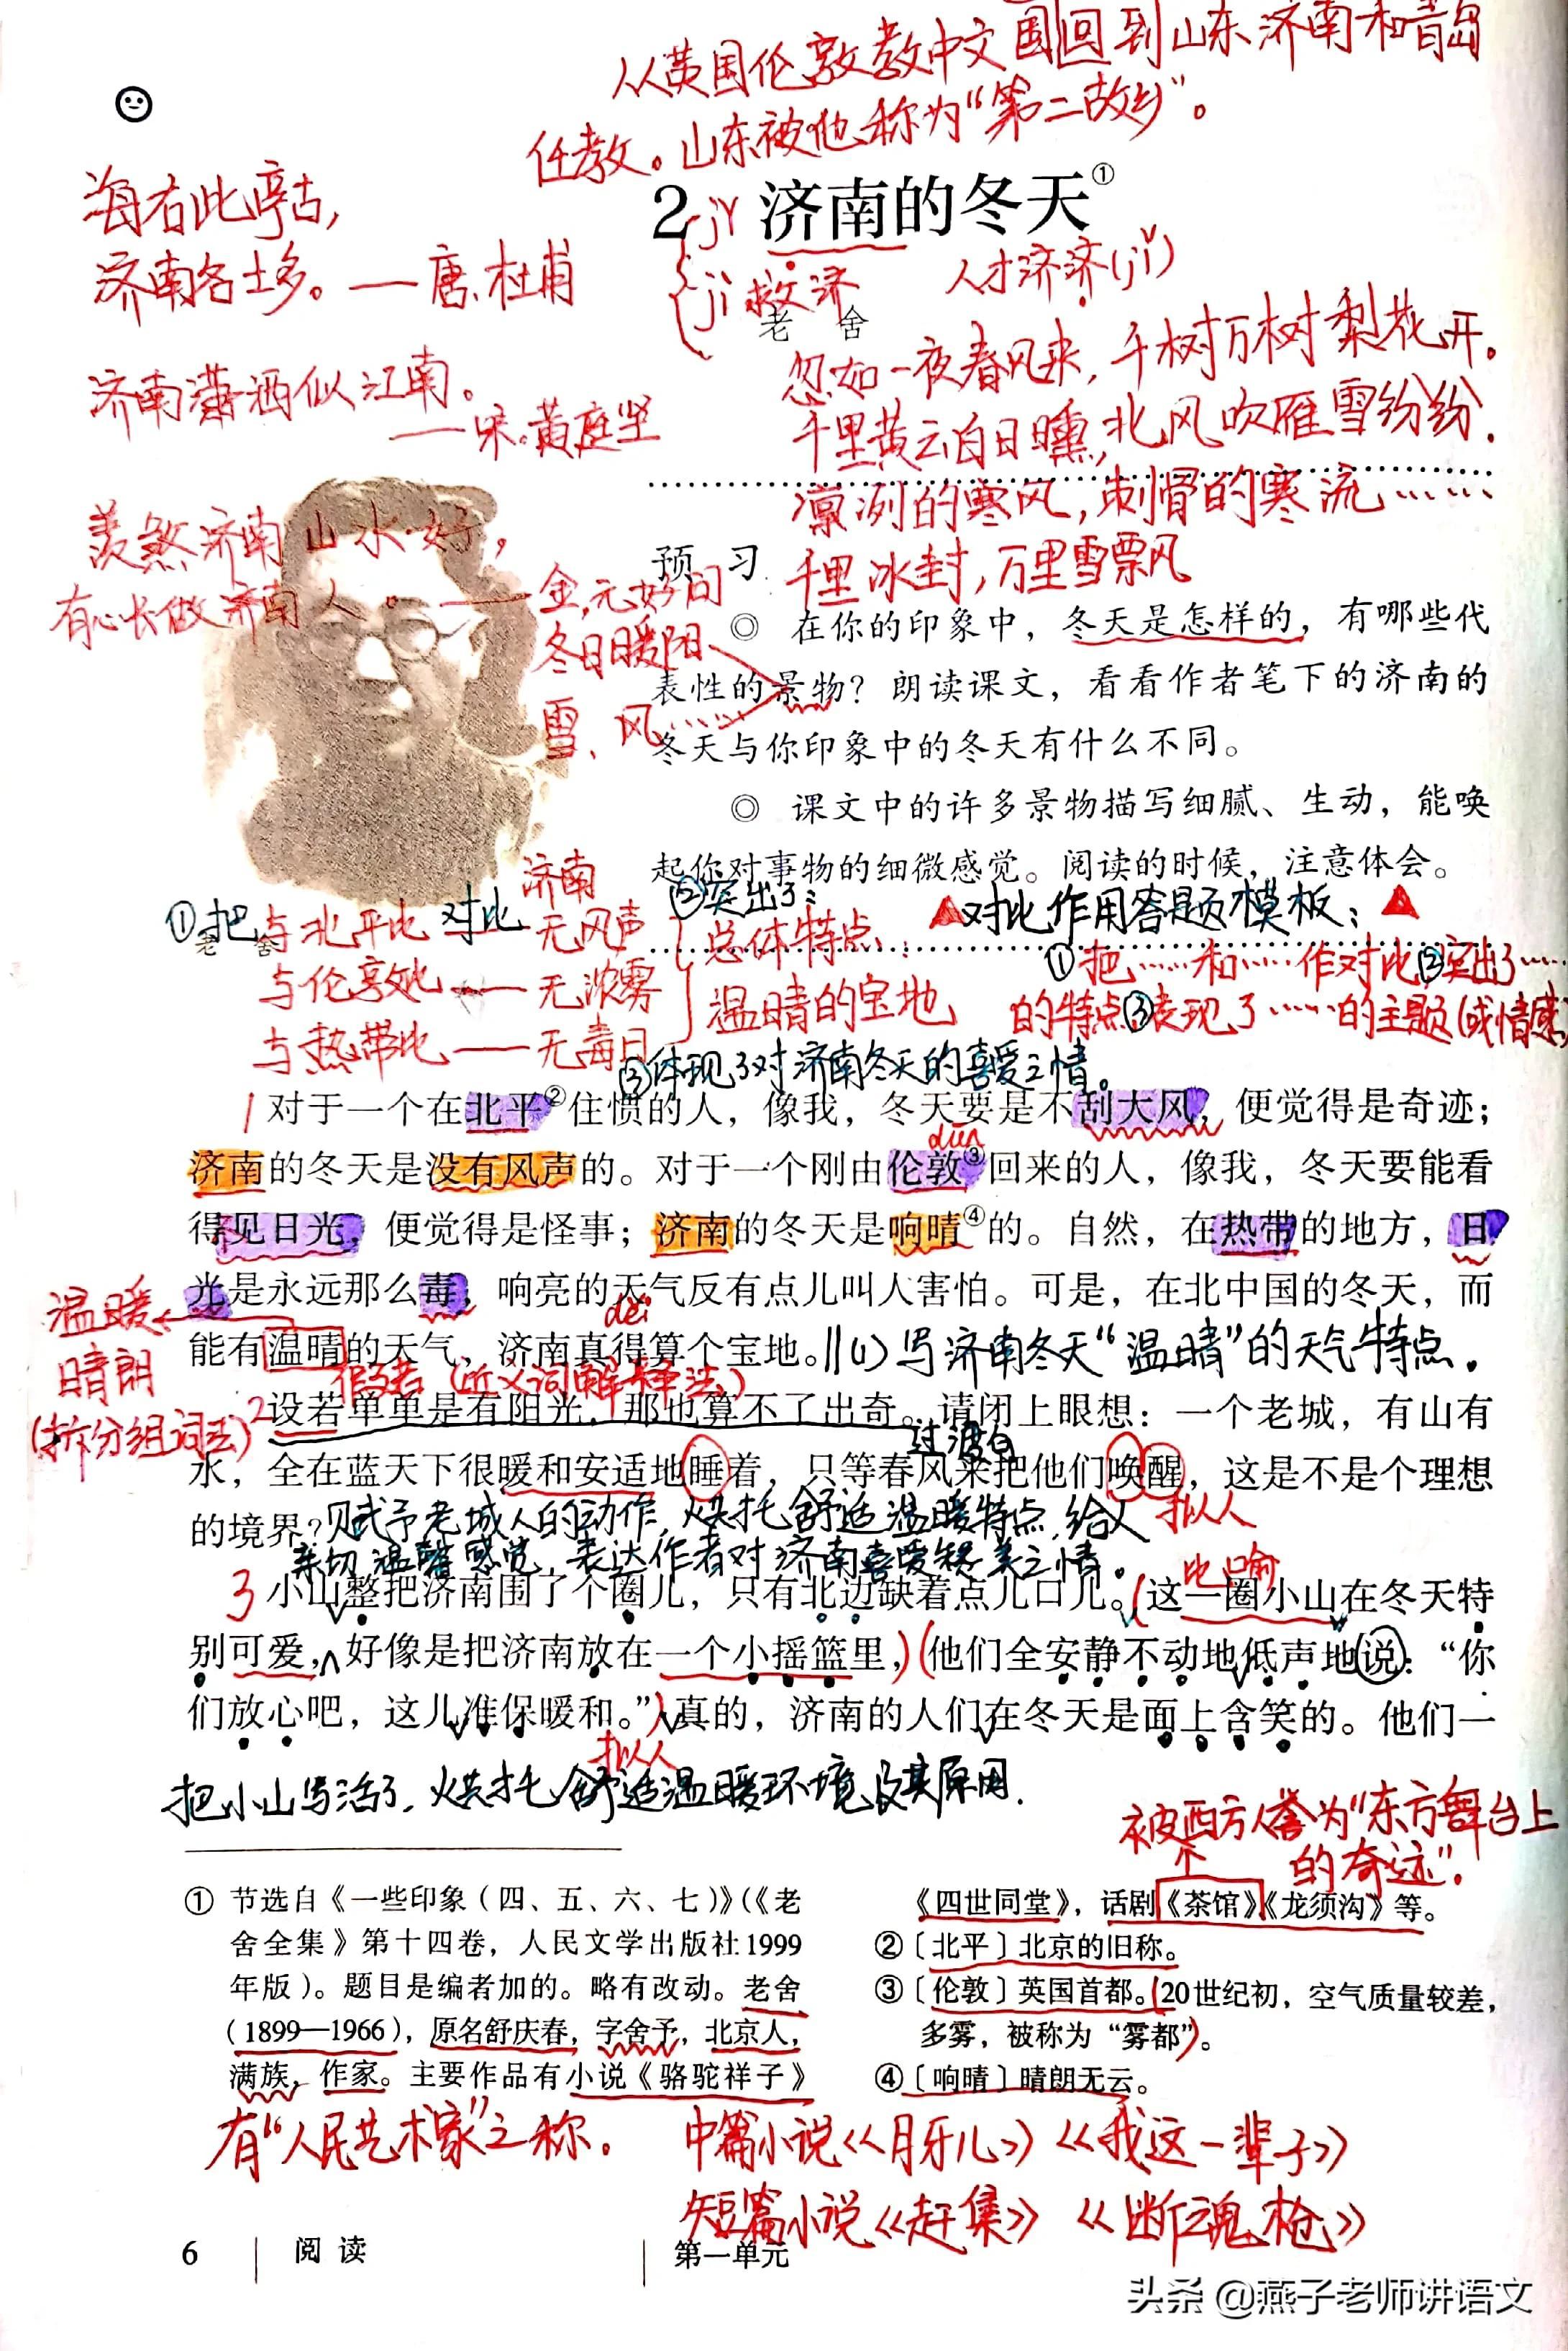 七上语文《济南的冬天》拟人修辞考点突破、手写笔记、作家作品